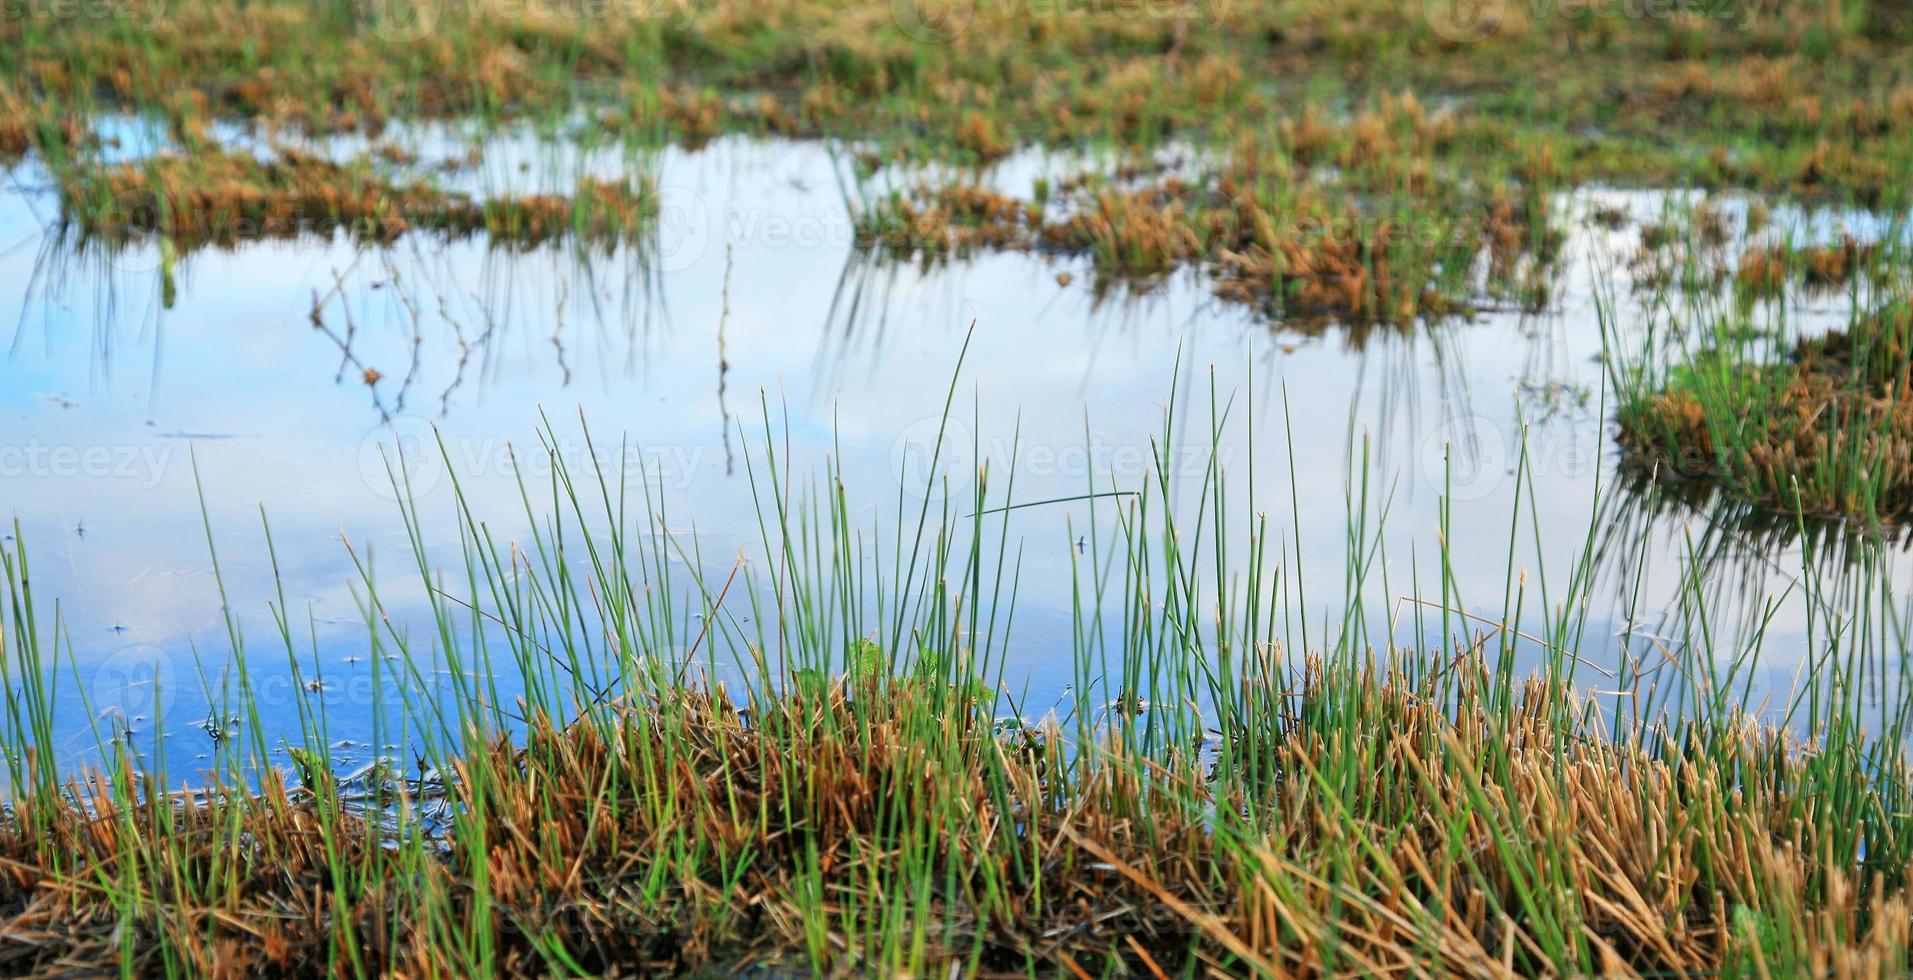 terre bagnate foto